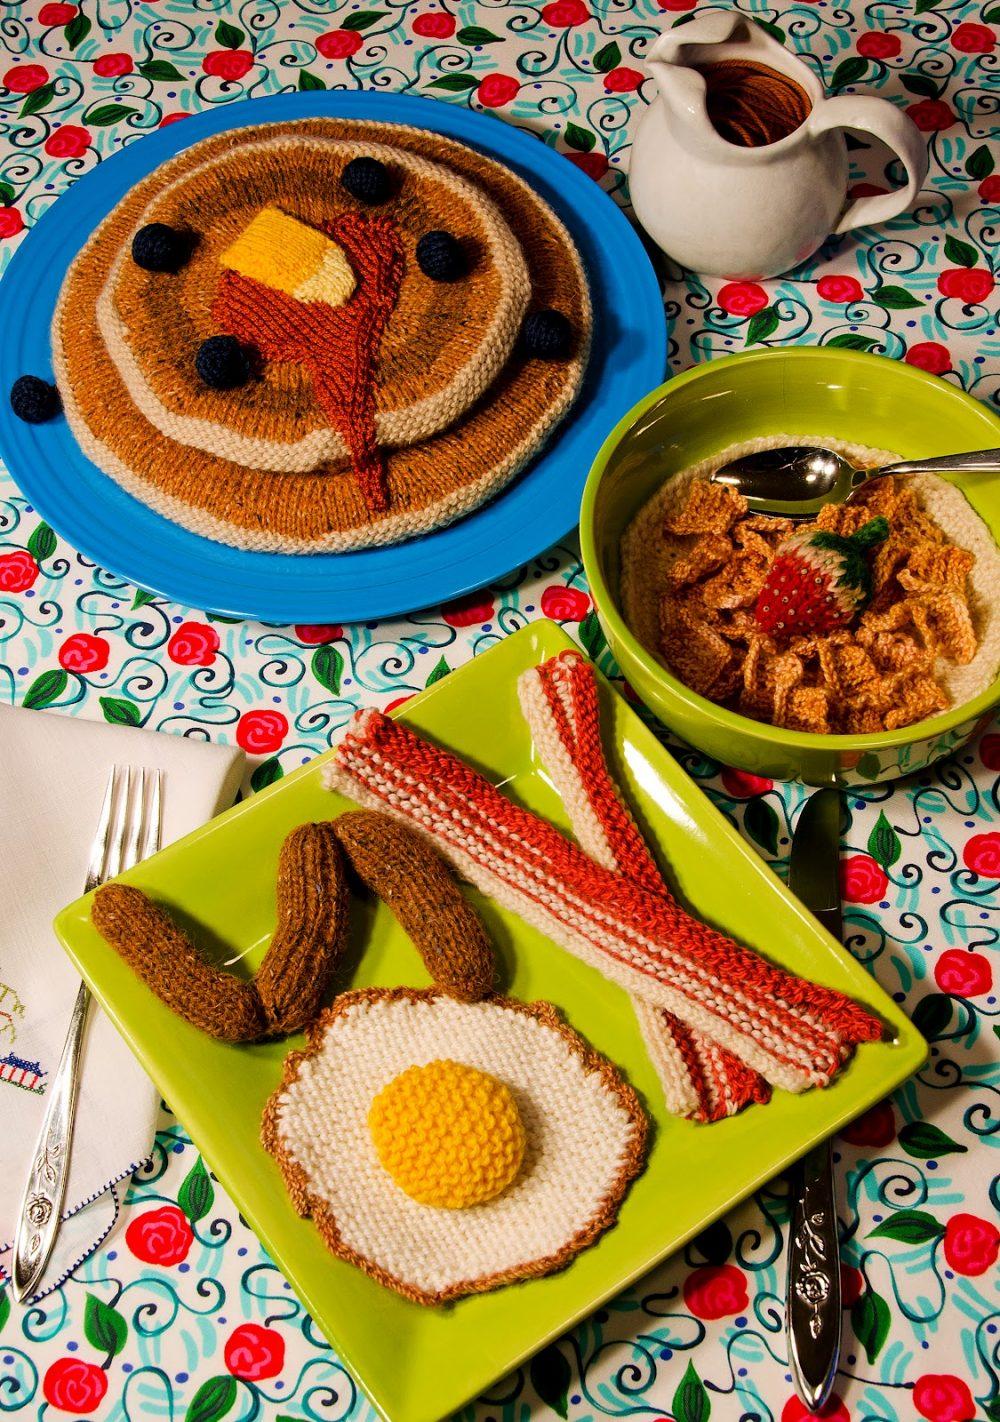 Een uitgebreid ontbijt met o.a. pannenkoeken, uitsmijter en worstjes - foto Colorful Stitches.